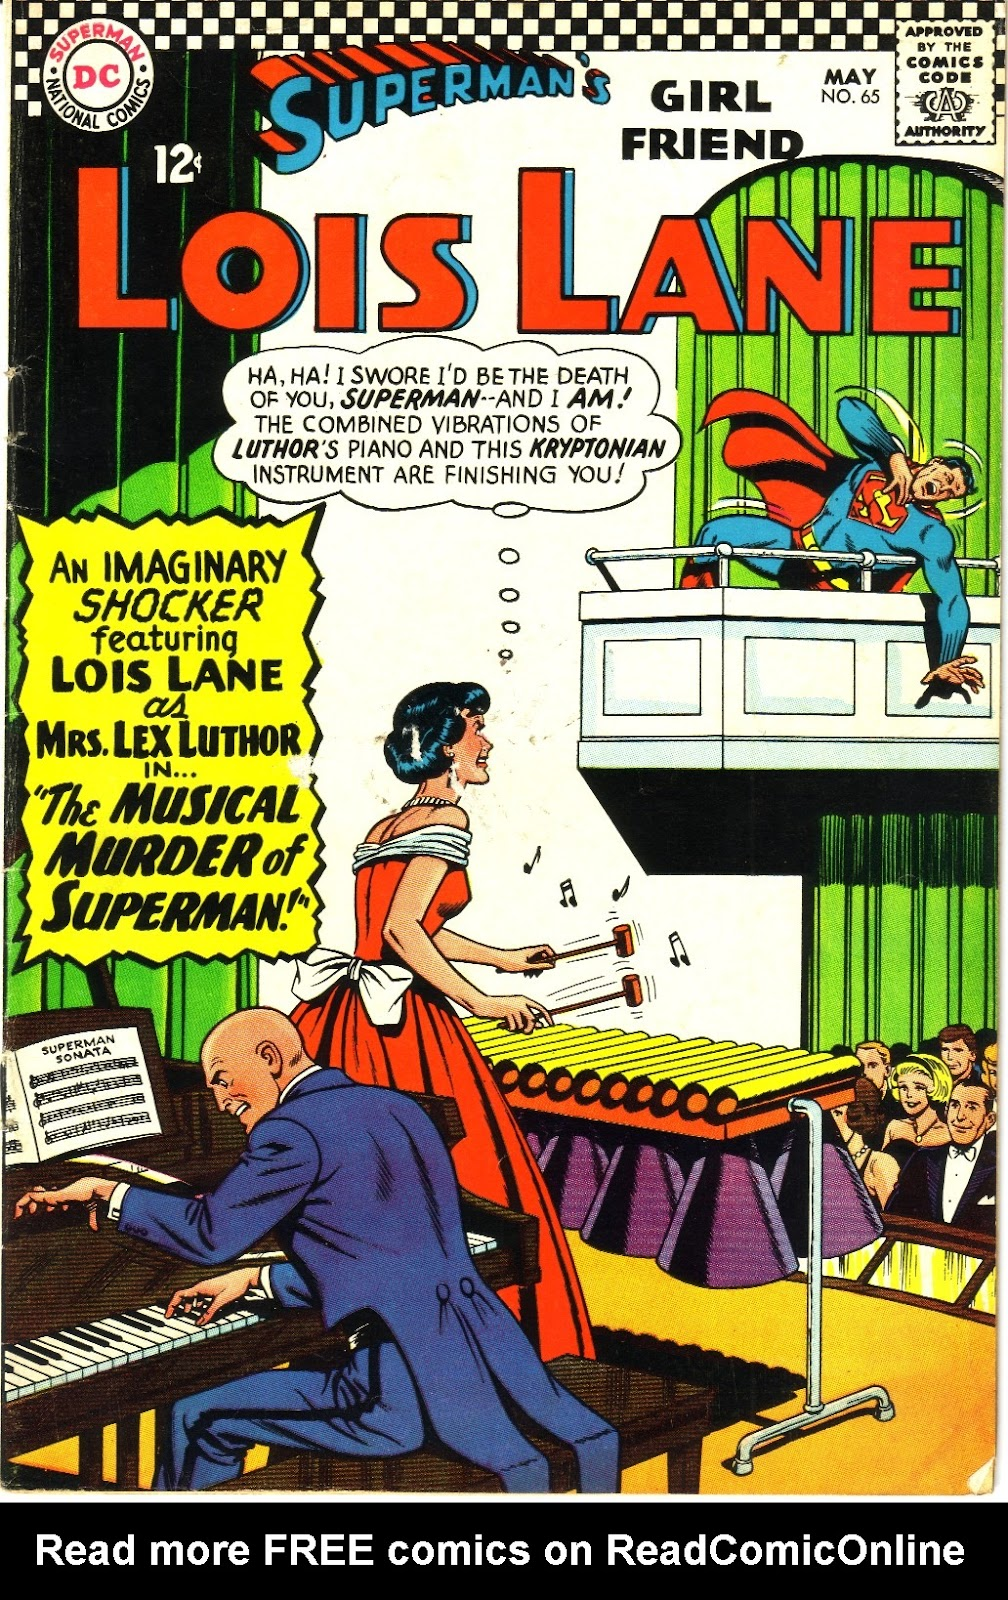 Supermans Girl Friend, Lois Lane 65 Page 1